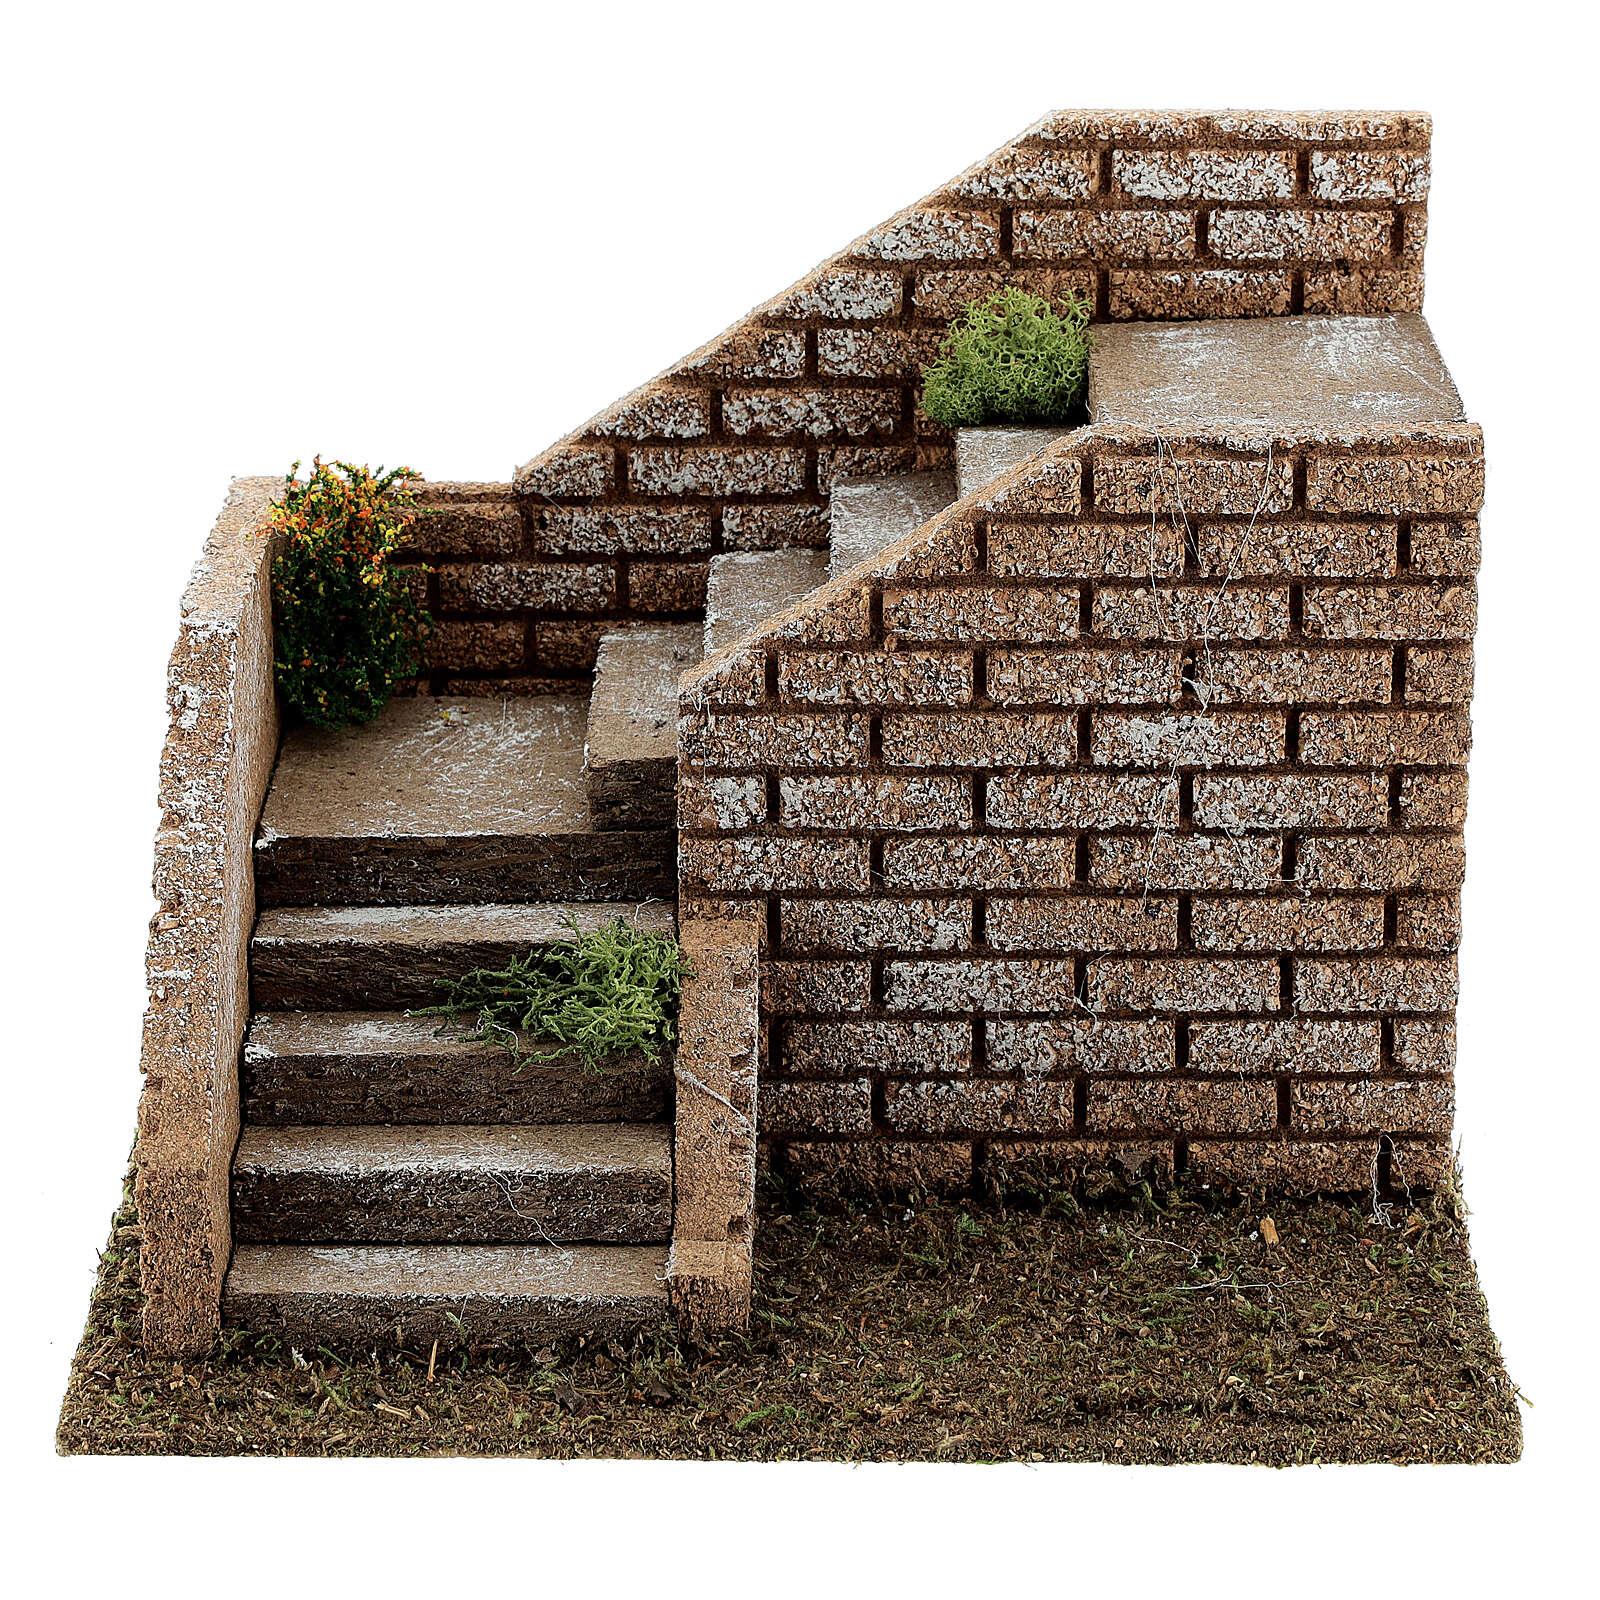 Escalier en coin maçonnerie 20x15x15 cm crèche 8-12 cm 4